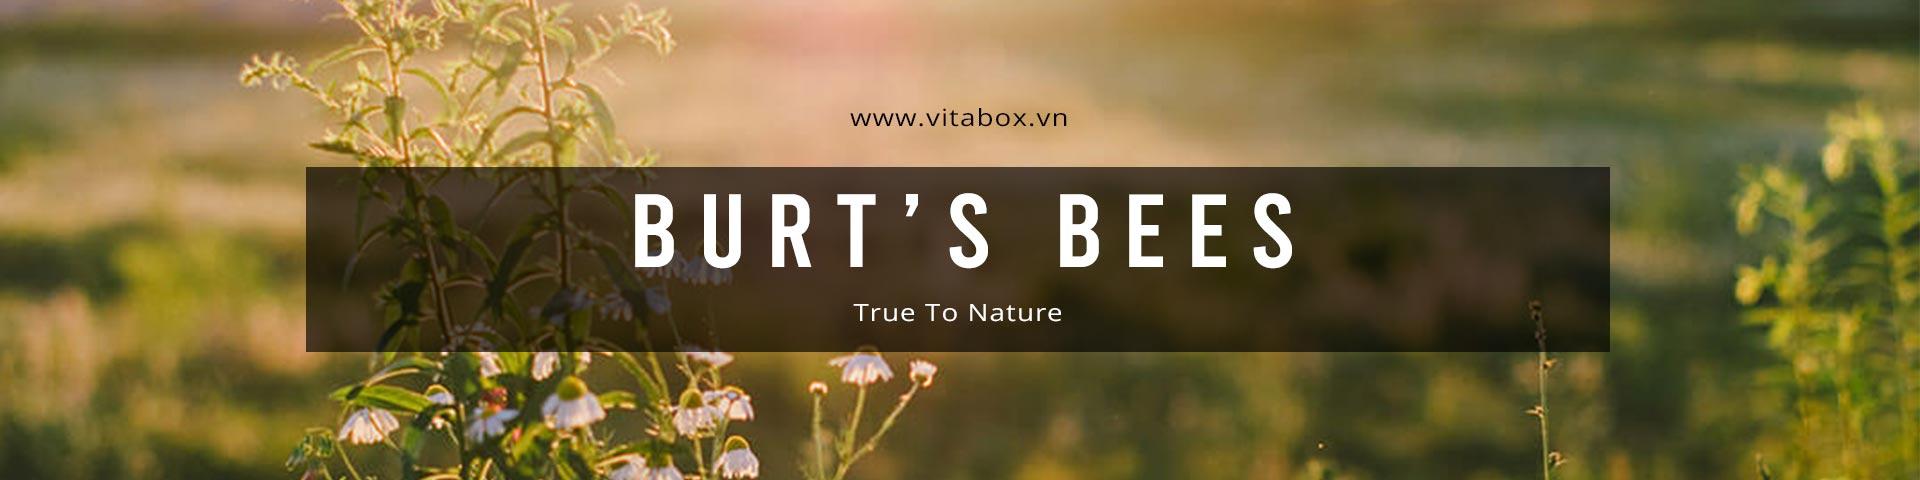 BURT'S BEES | CHĂM SÓC CƠ THỂ